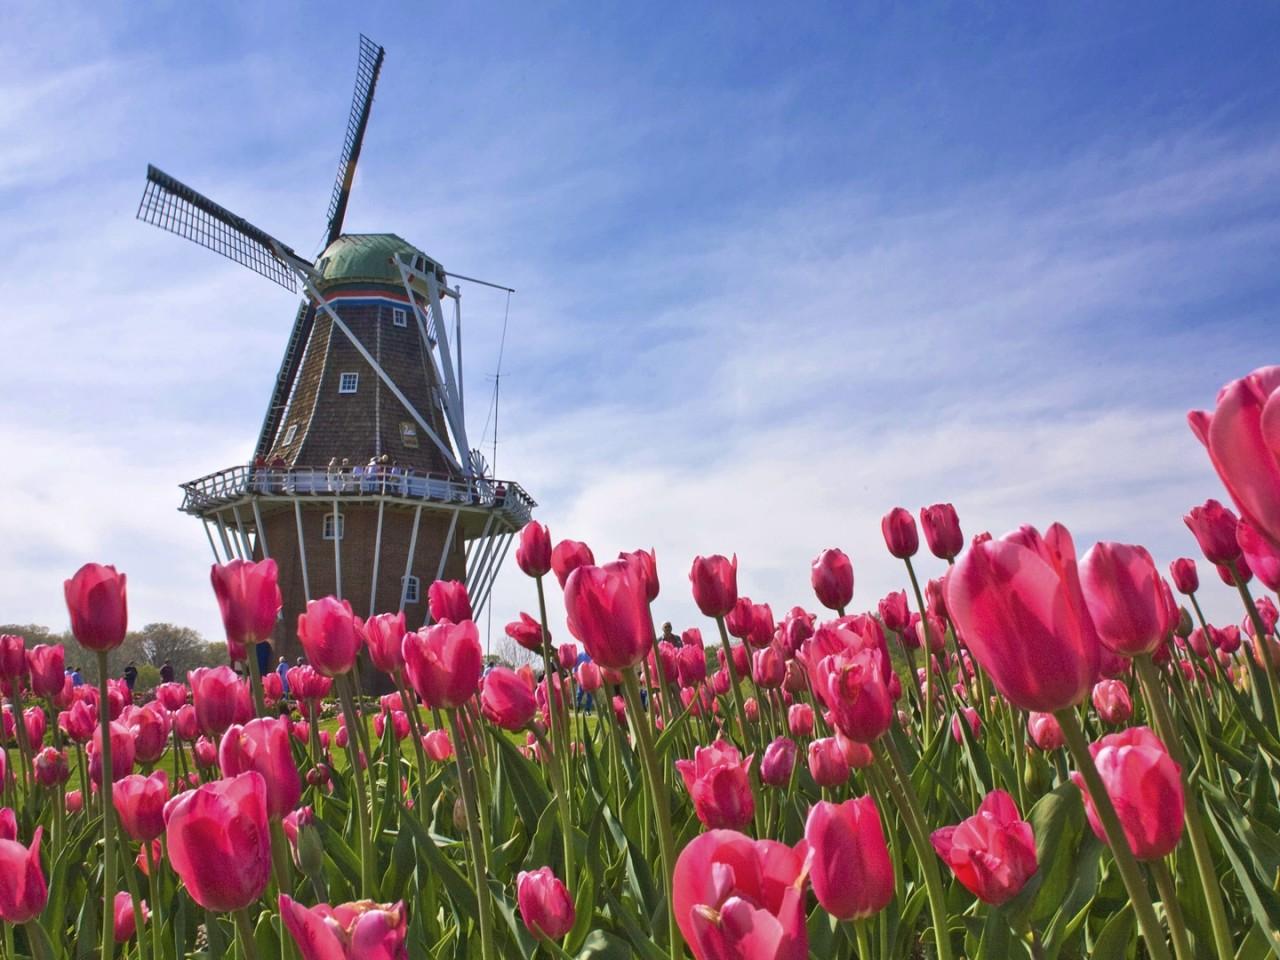 olanda paesi bassi